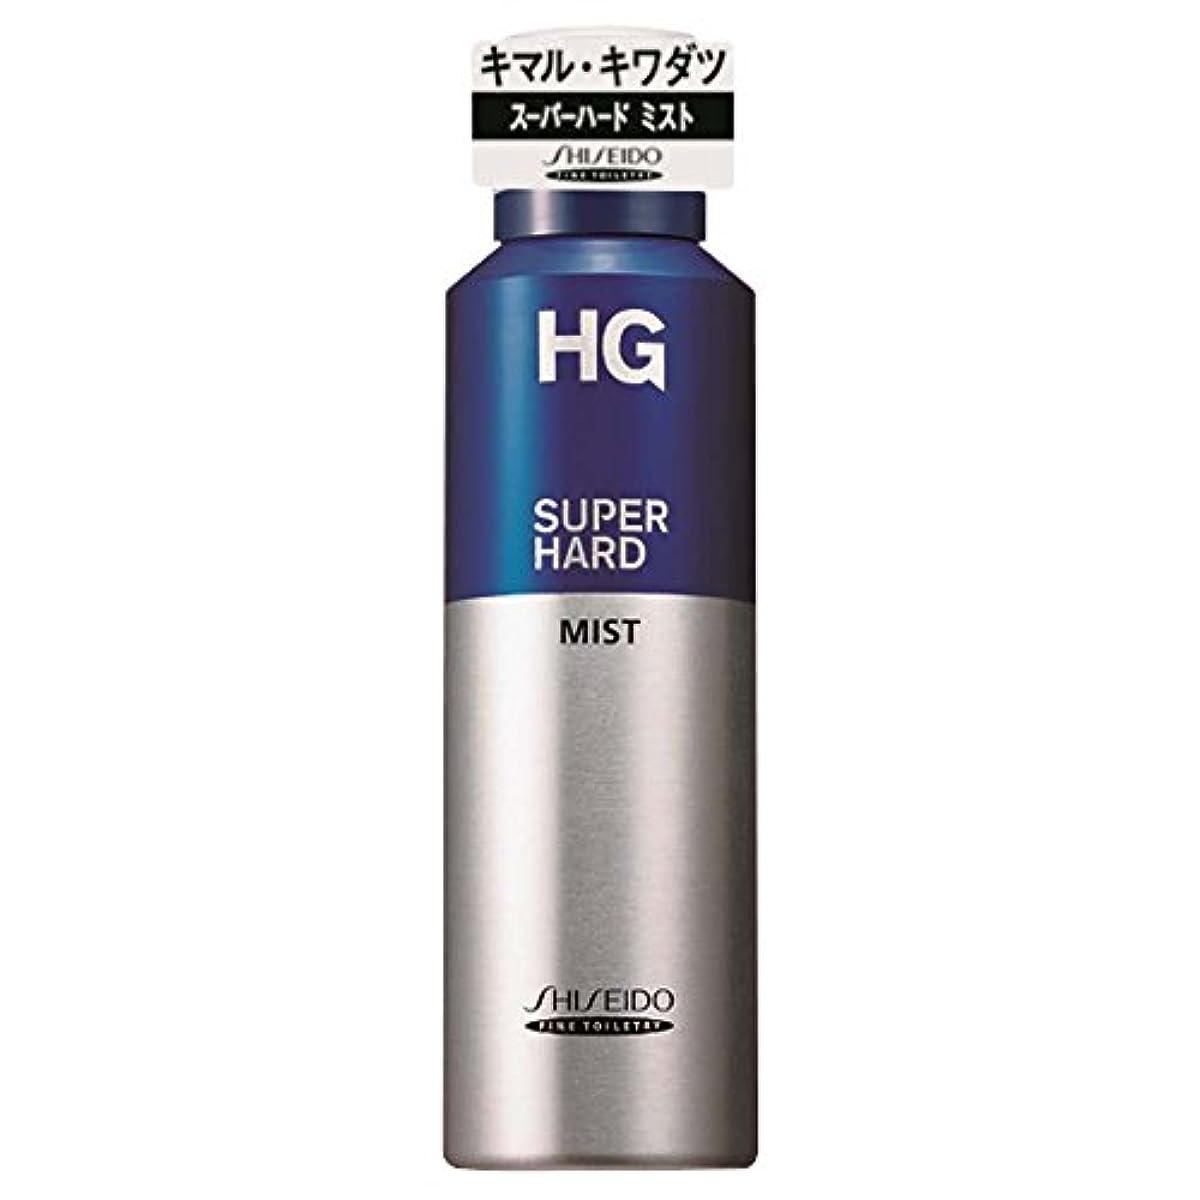 第二寺院不名誉なHG スーパーハードミストa 【HTRC3】